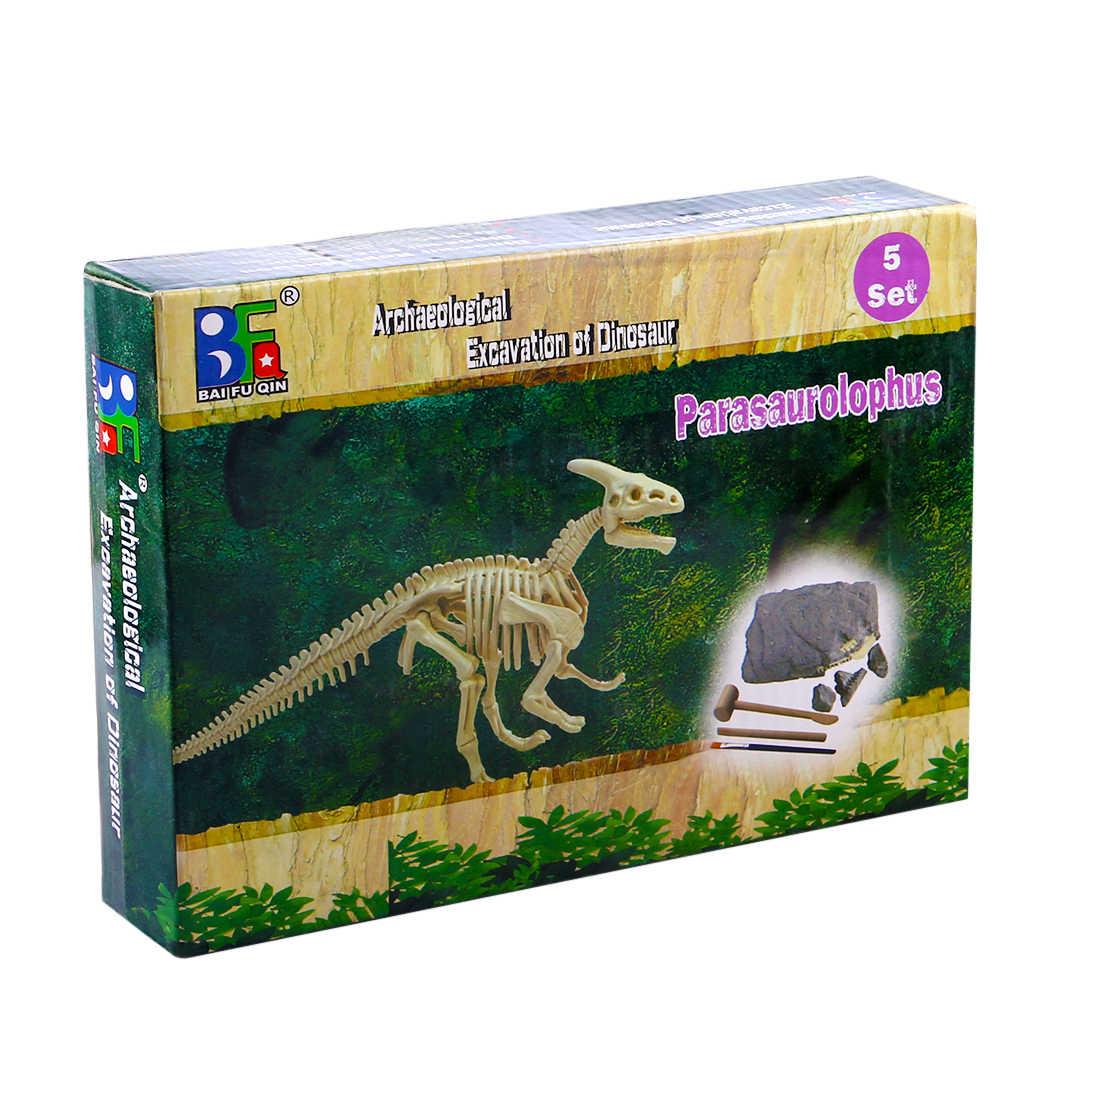 Parasaurolophus Trẻ Sáng Tạo Giáo Dục Khủng Long Archaeology Khai Quật Khoa Học Lịch Sử Giáo Dục Đồ Chơi Dành Cho Trẻ Em